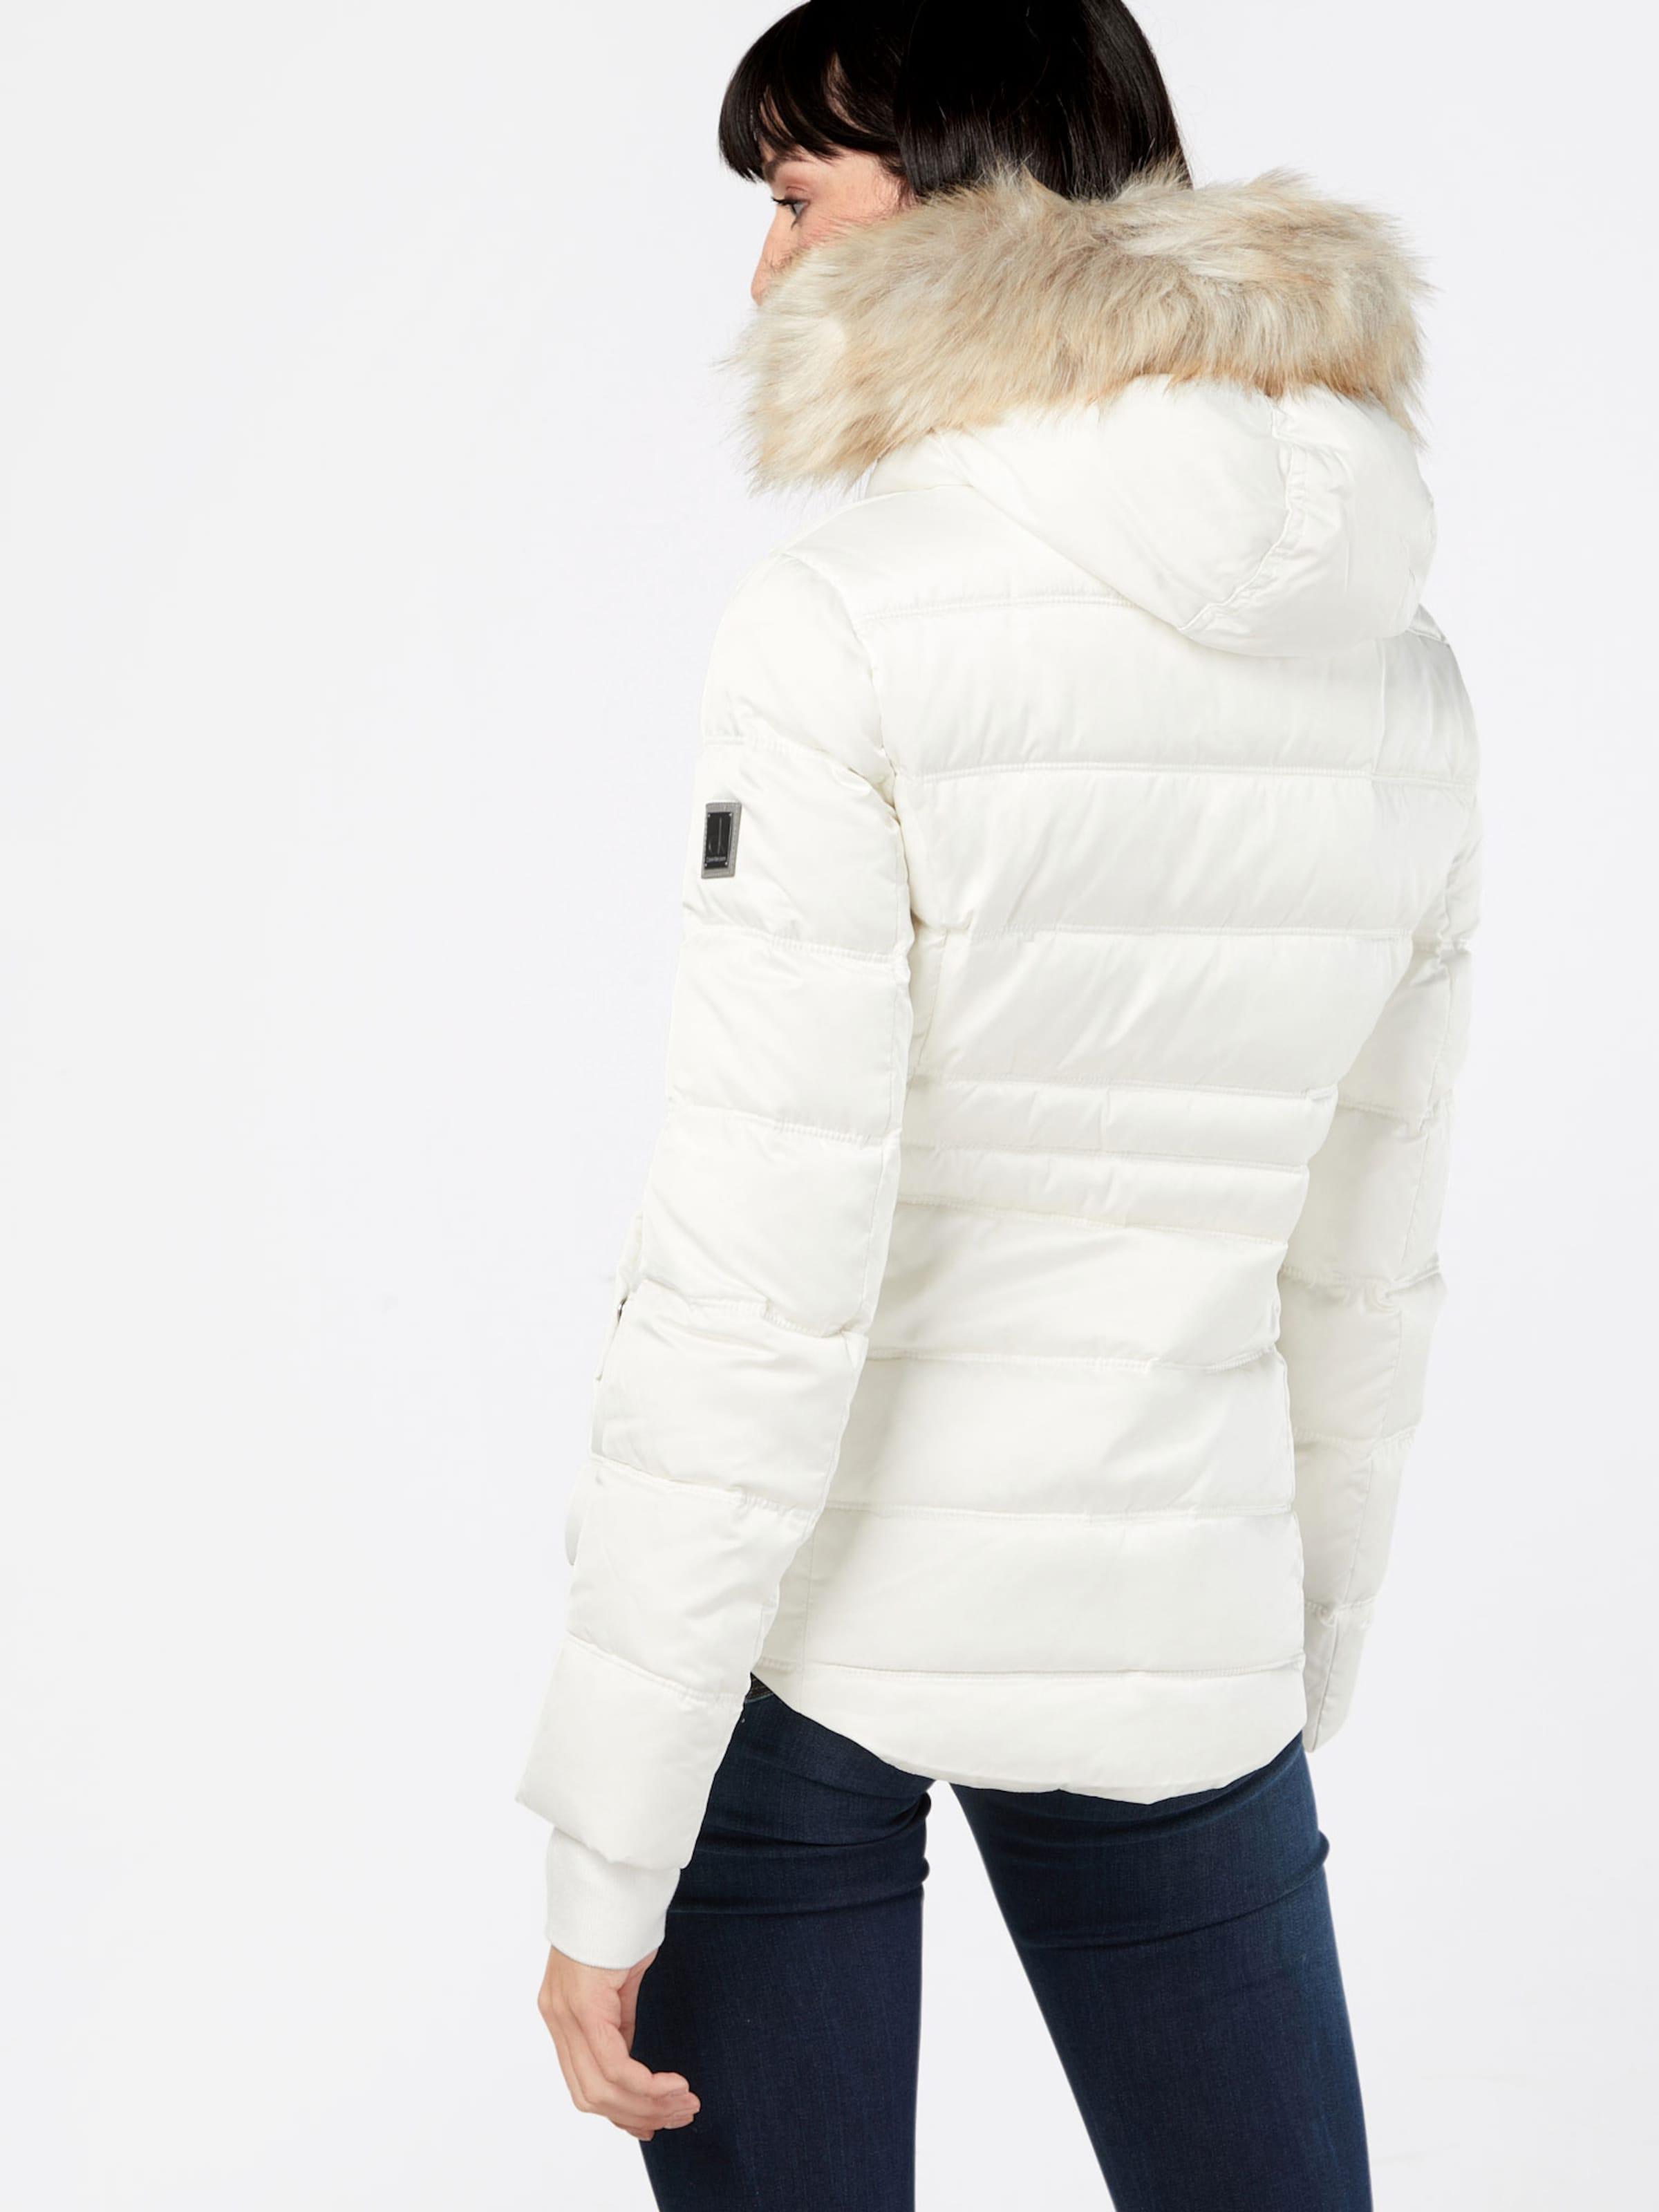 Calvin Klein Jeans Winterjacke 'OVIDIA MW DOWN BASIC' Eastbay Verkauf Online Verkauf Mit Mastercard Extrem Günstiger Preis Real Für Verkauf Z2SjkENNra